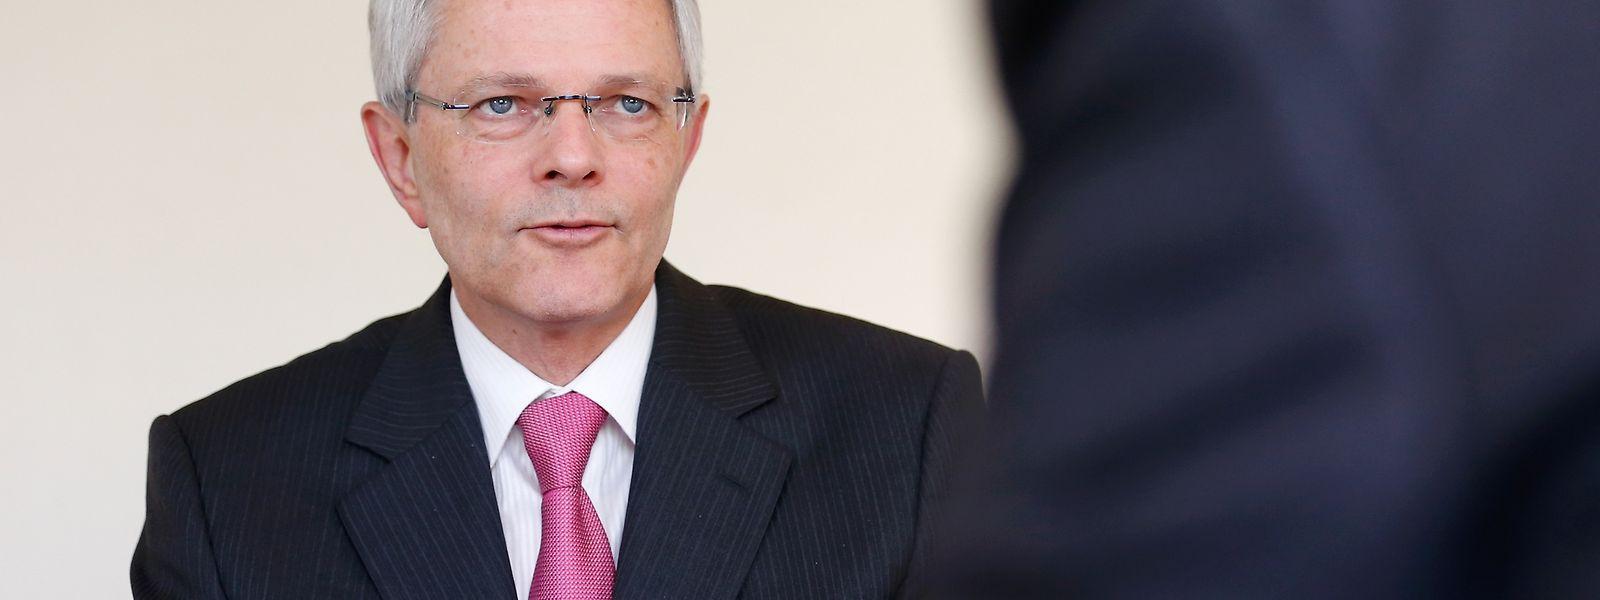 Claude Metzdorf hat im vergangenen Frühjahr die Leitung des DuPont-Werkes in Contern von Arsène Schiltz übernommen.